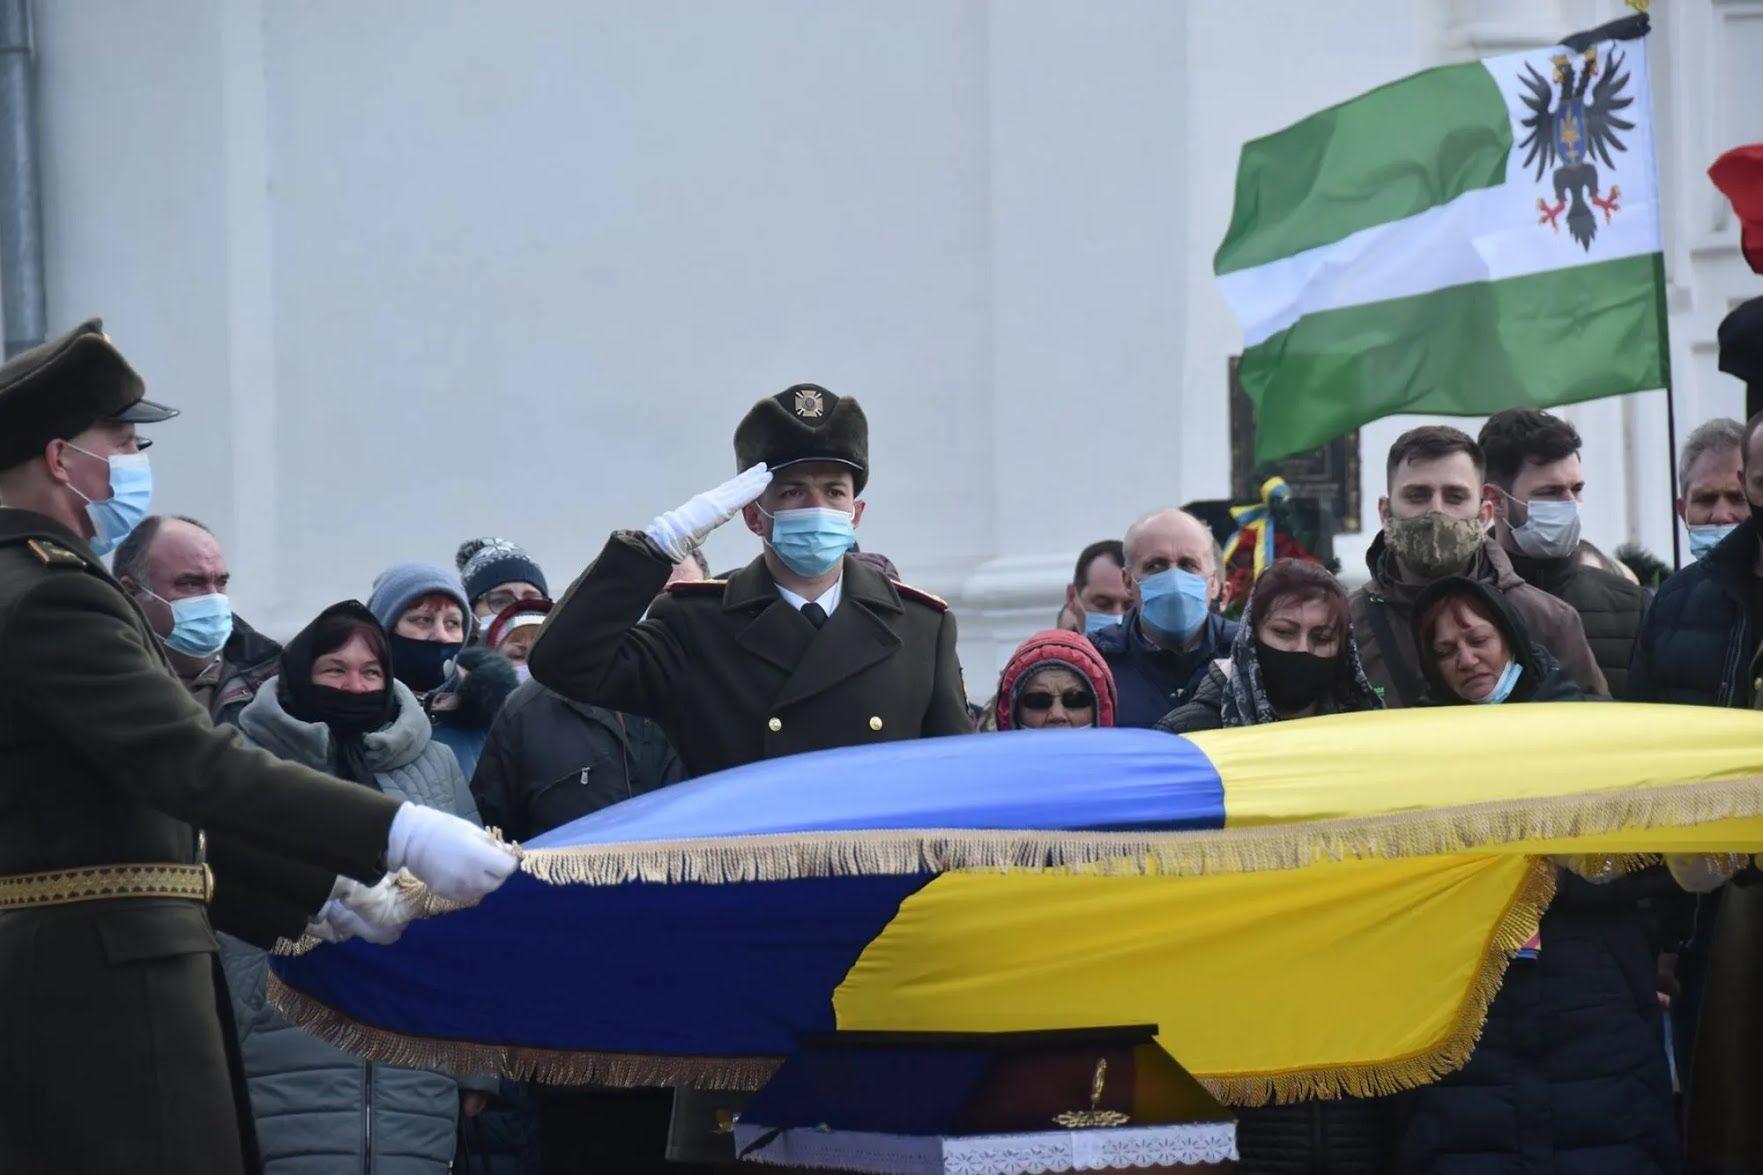 Гроб Володиимира Шпака покрыли Государственным Флагом Украины